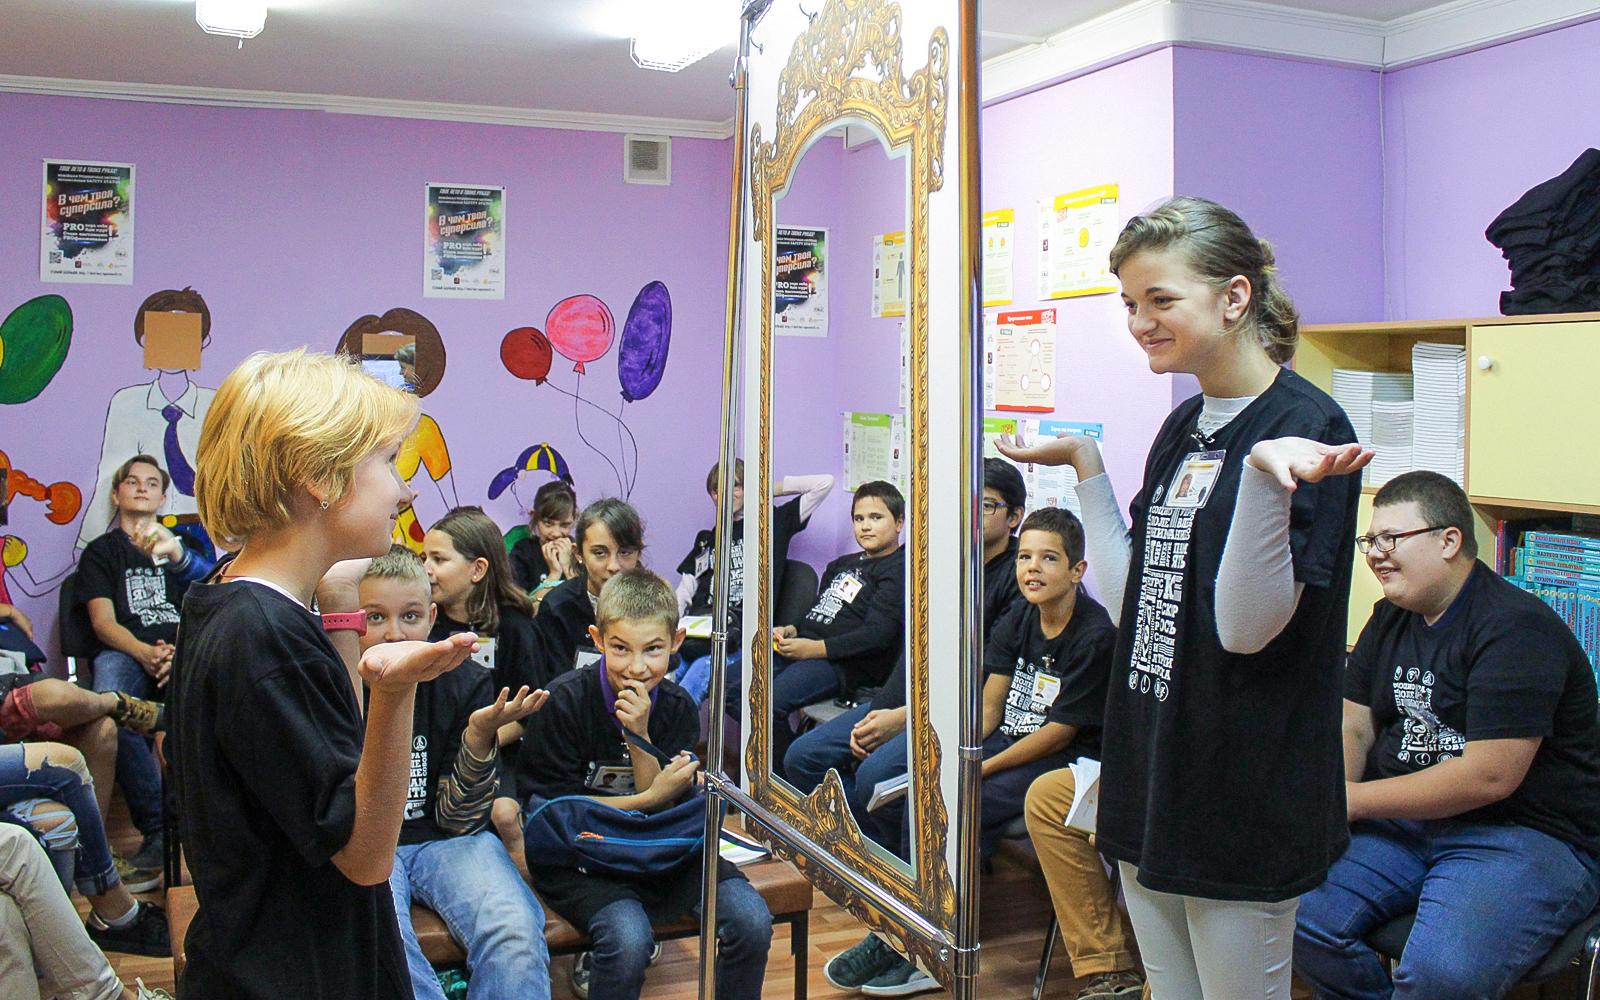 Пресс-служба Департамента труда и социальной защиты населения города Москвы